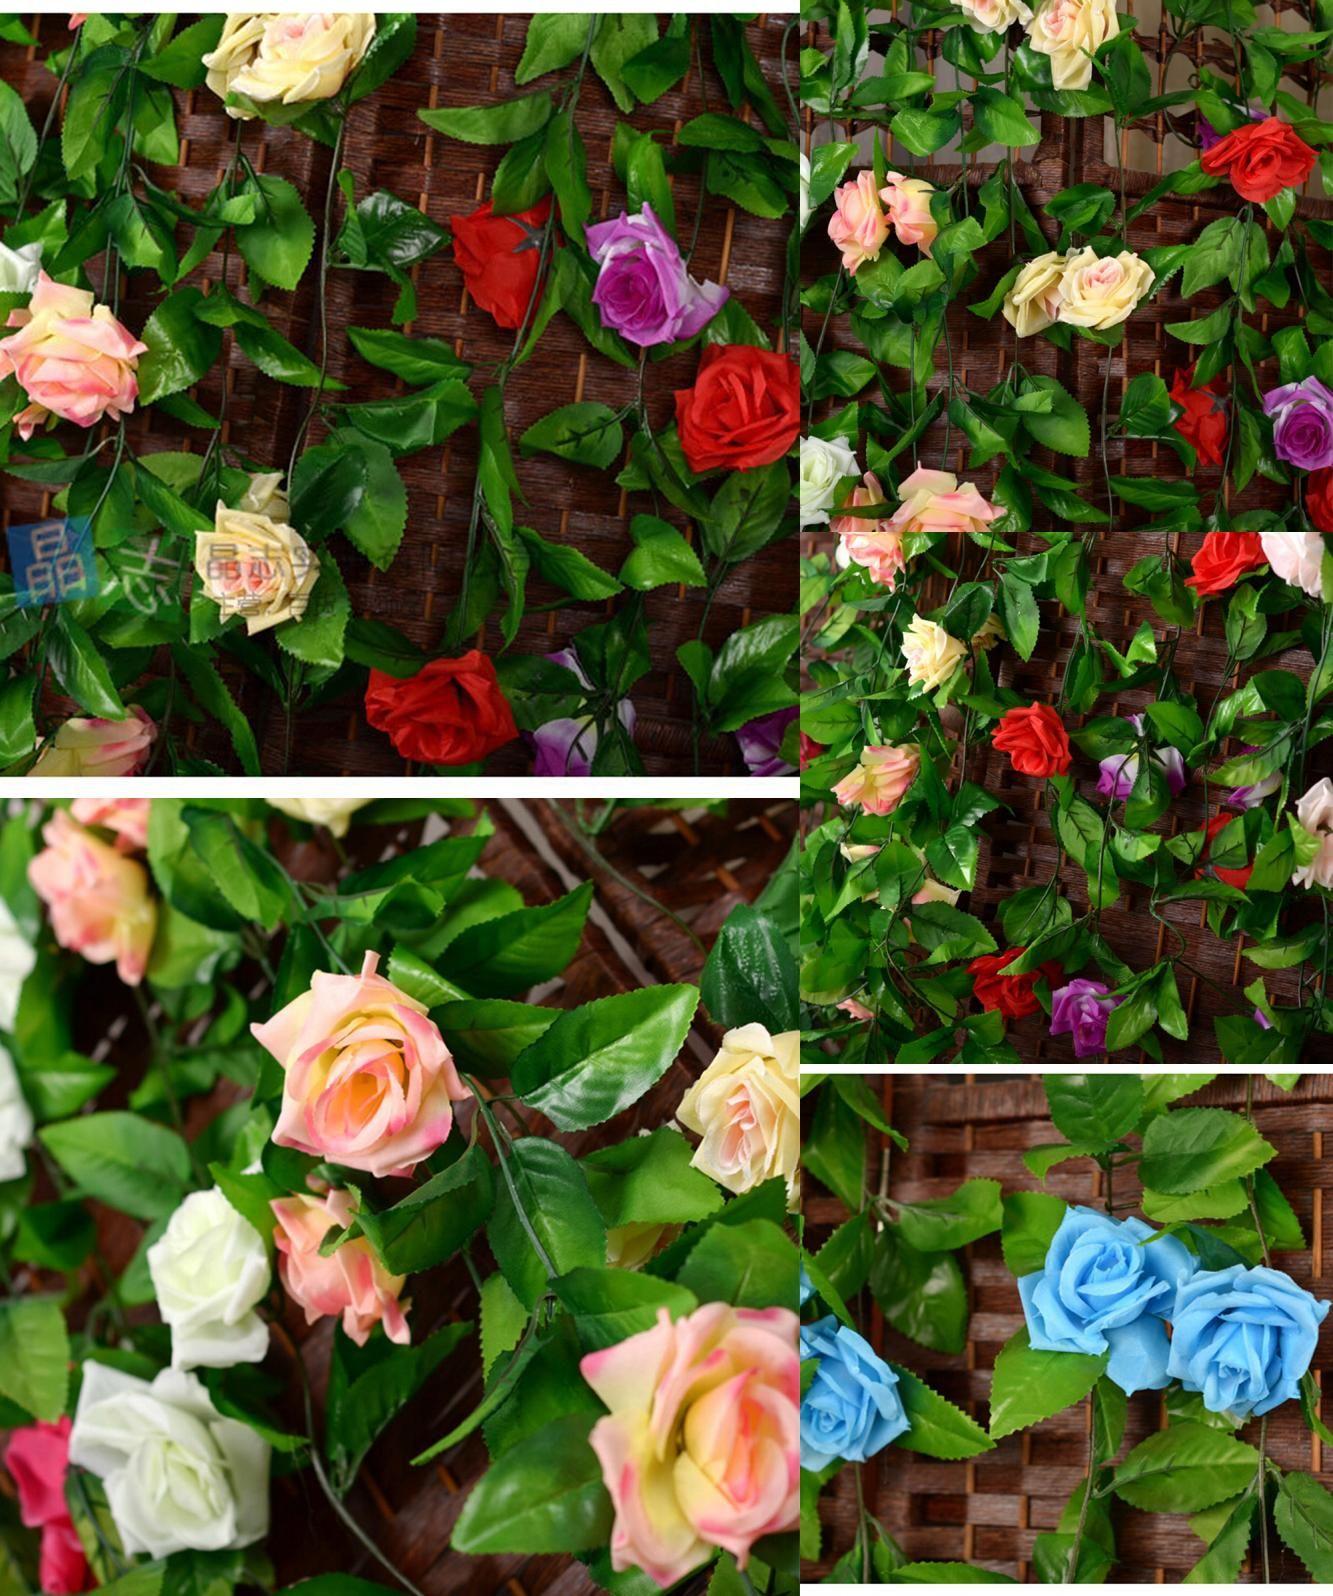 Visit To Buy Rose Pink Yellow White In Purple Fake Silk Roses Ivy